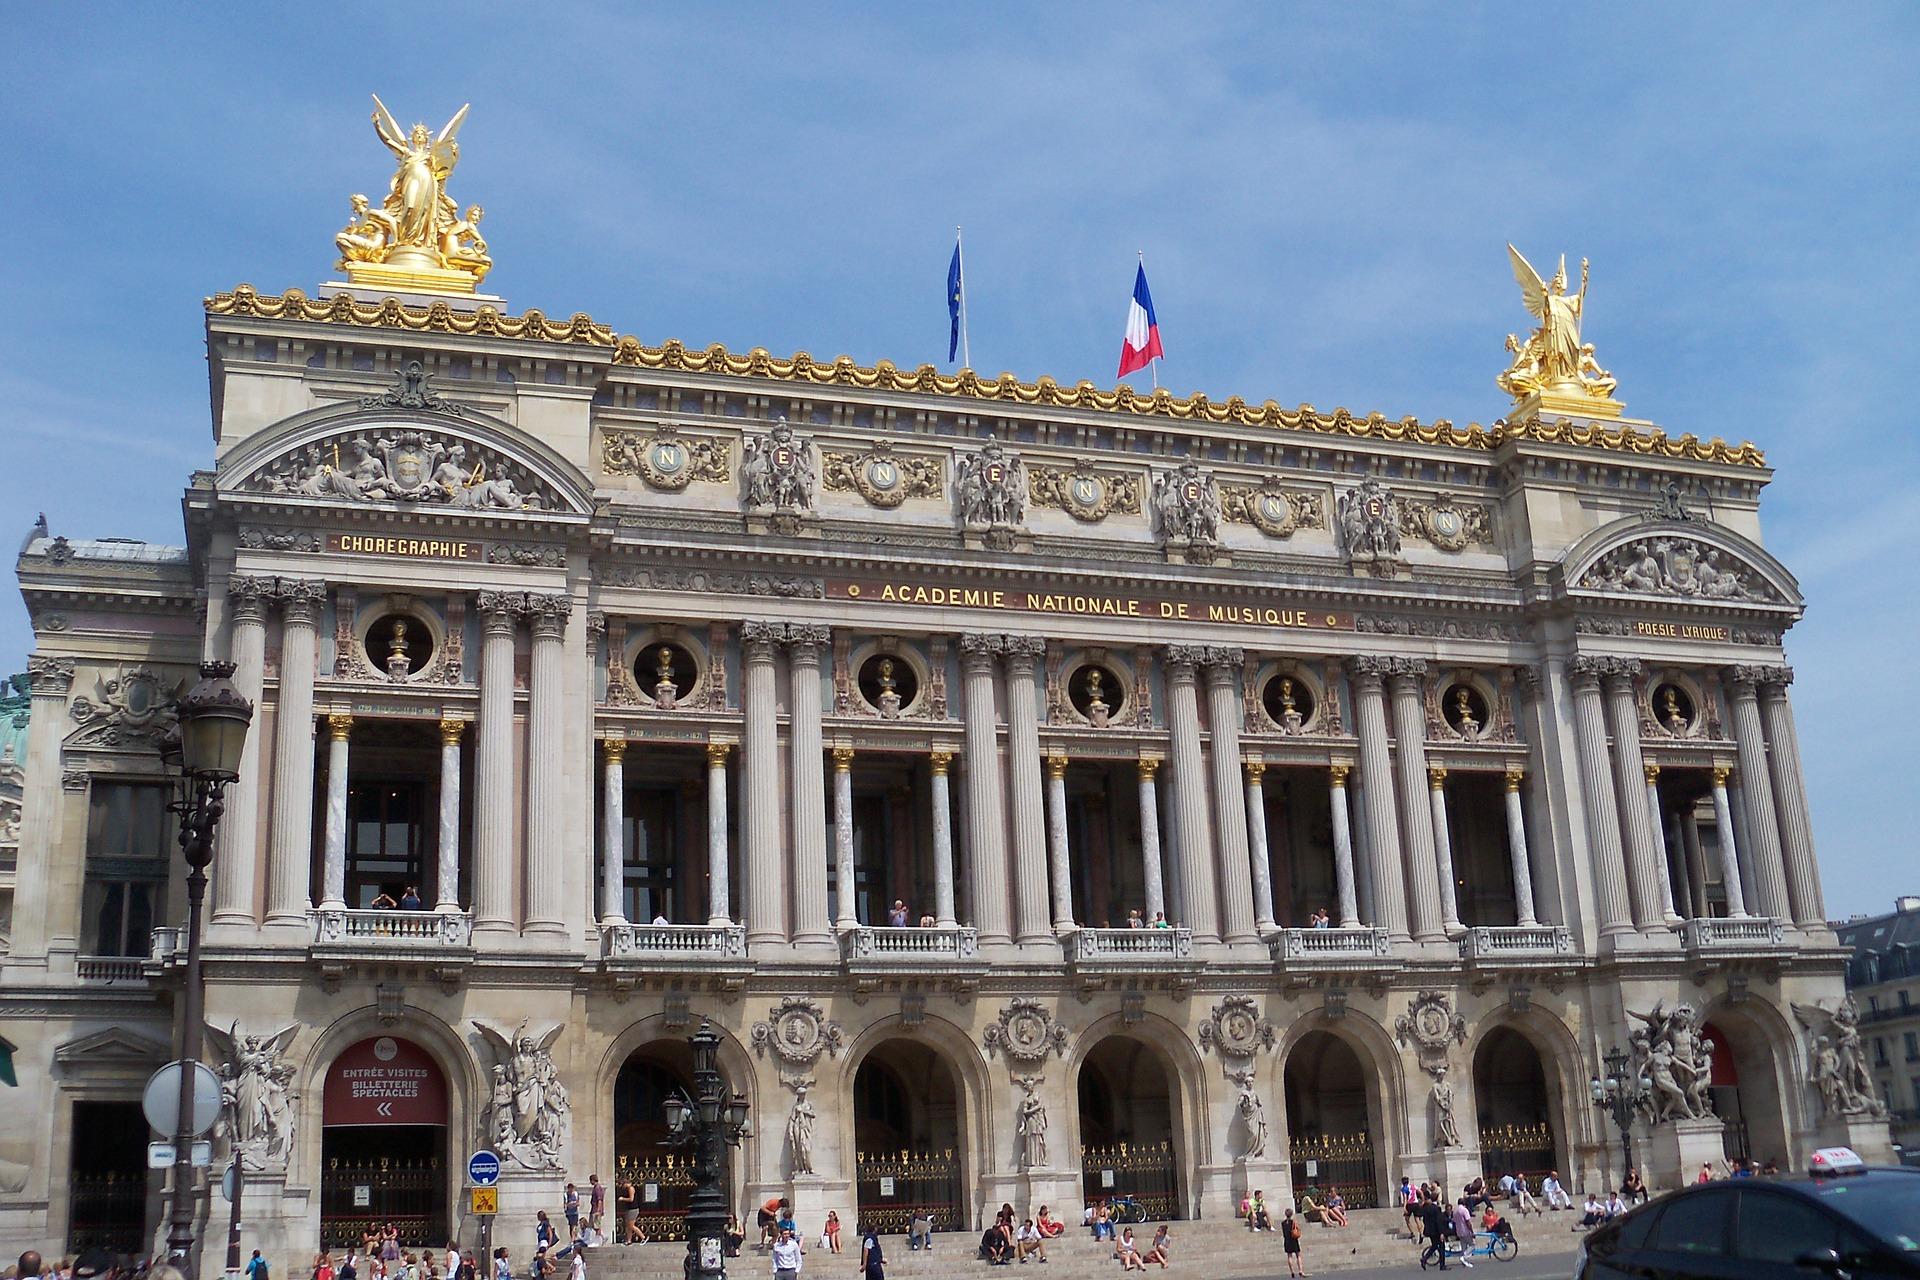 Opera Garnier facade